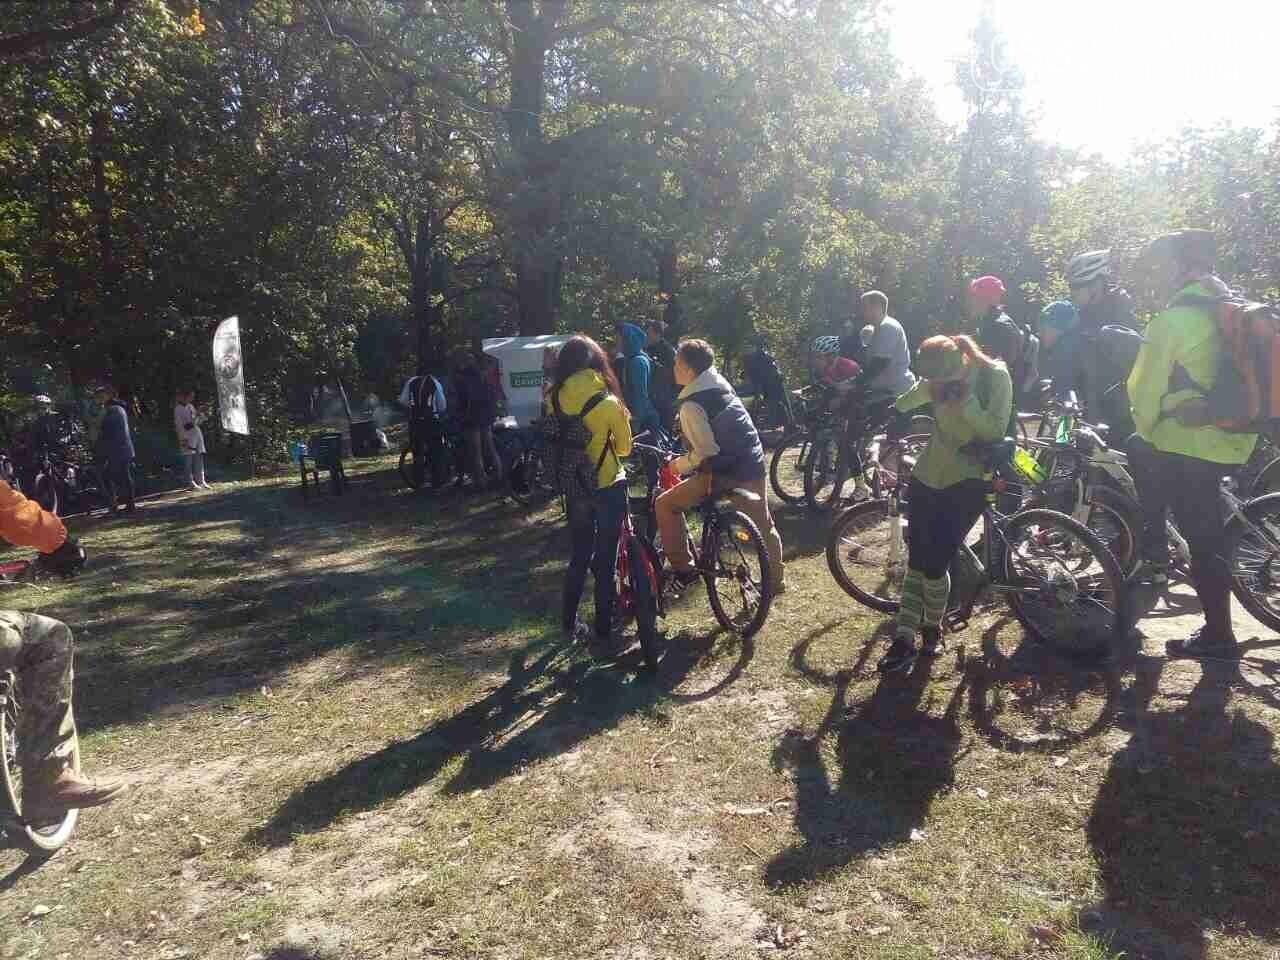 Драйвова субота: у Дендропарку полтавці на велосипедах розгадують квест з кашею та глінтвейном, фото-1